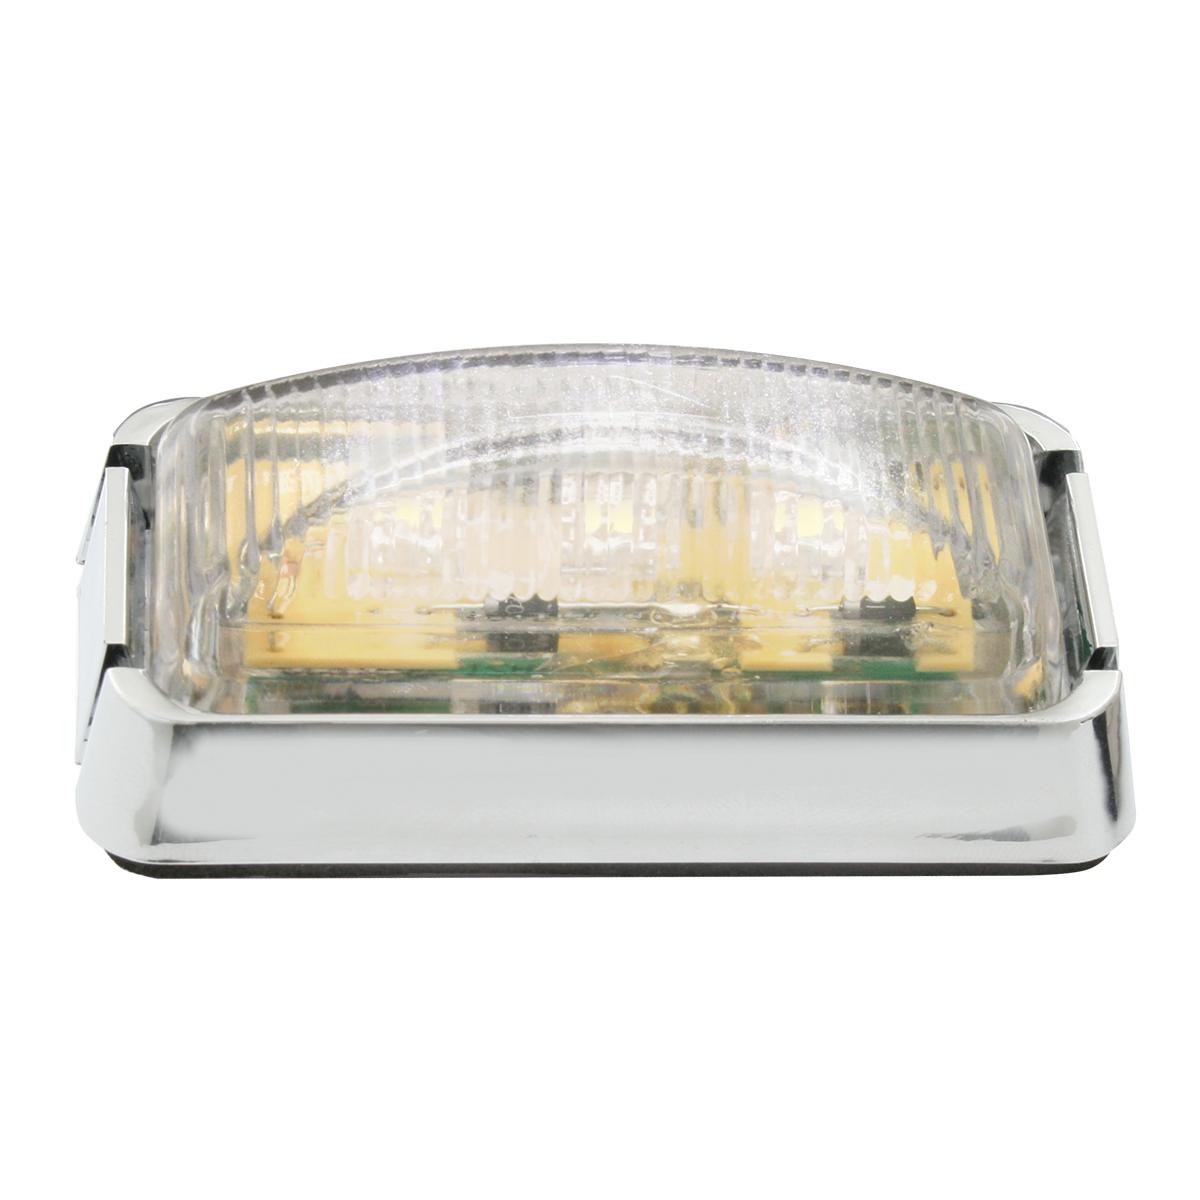 87636 Small Rectangular LED Marker Light with Chrome Bracket